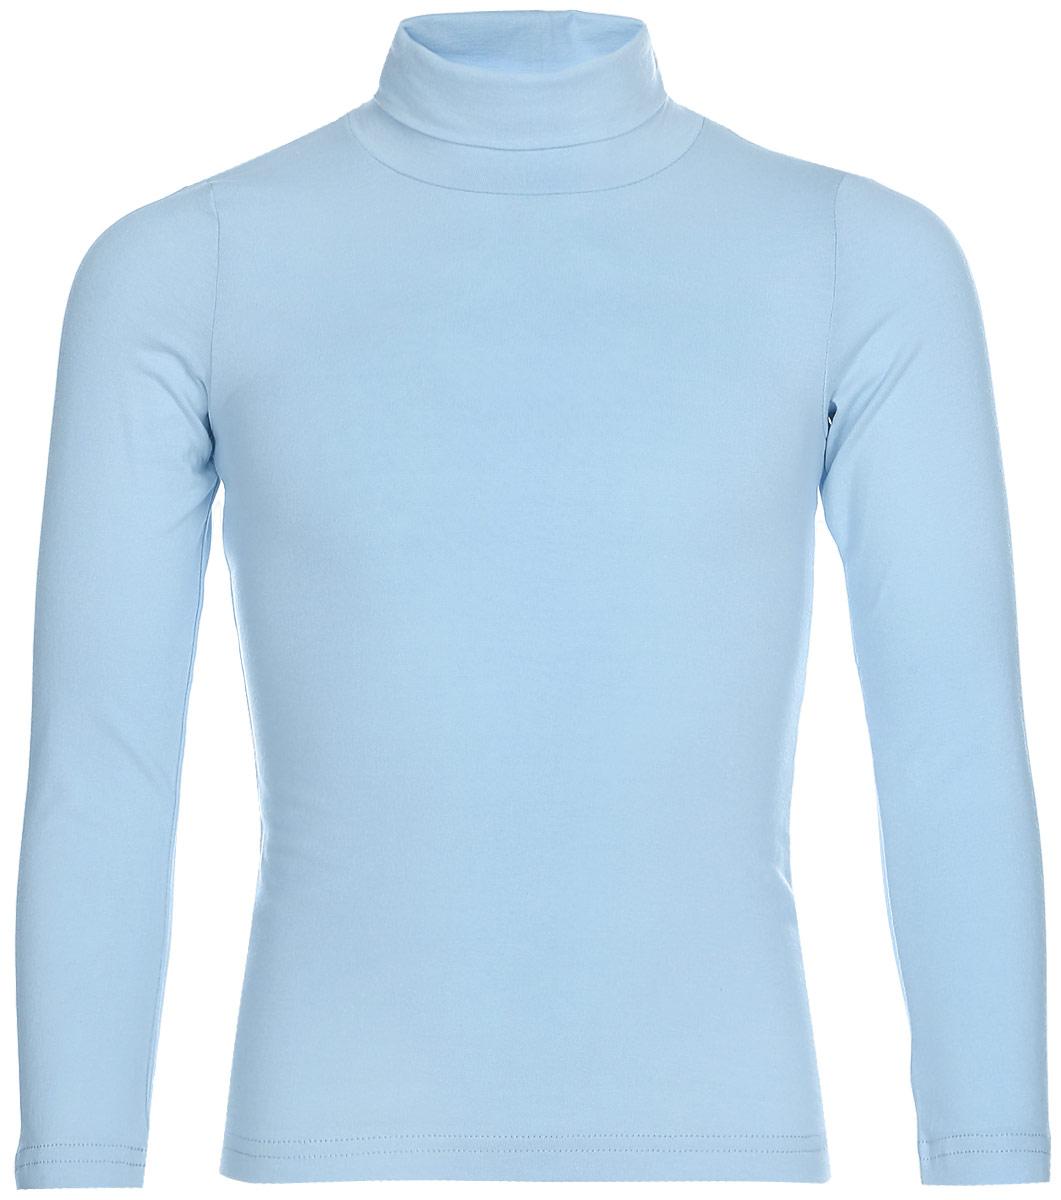 Водолазка для девочки LeadGen, цвет: голубой. G935007401-172. Размер 170G935007401-172Водолазка для девочки LeadGen выполнена из эластичного хлопкового трикотажа. Модель с длинными рукавами и воротником-гольф.